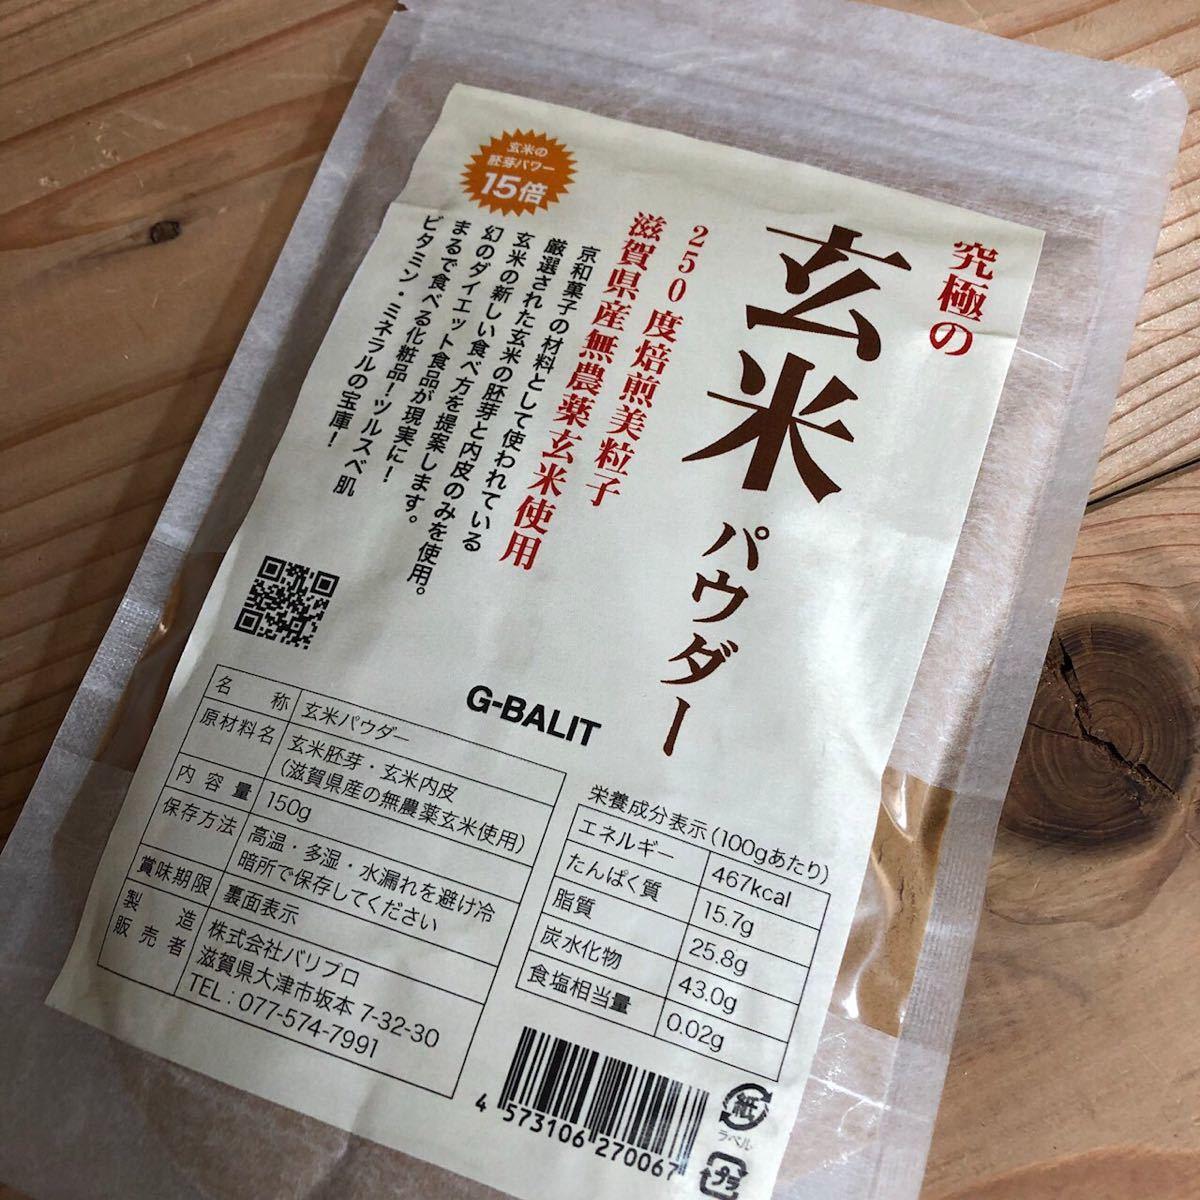 究極の玄米パウダー 500g 美粒子タイプ 滋賀県産無農薬近江米使用 玄米 玄米粉 UP HADOO 無添加 無着色 無香料 無糖_画像4